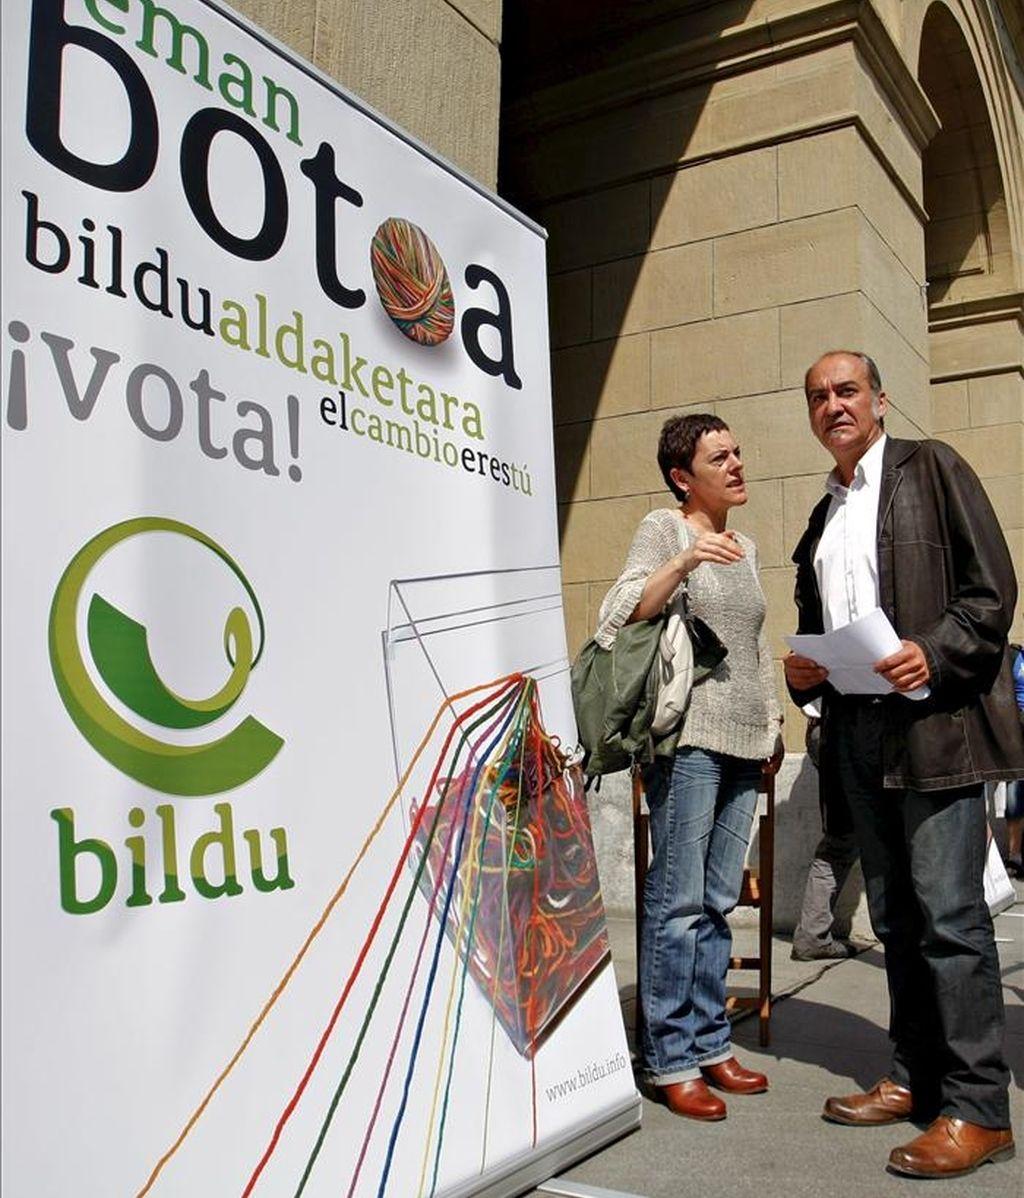 El candidato independiente de la coalición Bildu, Martín Garitano (d), durante el acto de esta formación celebrado hoy en la Plaza de Guipúzcoa, donde se encuentra el palacio foral, en San Sebastián, en el que presentaron un manifiesto anticorrupción. EFE